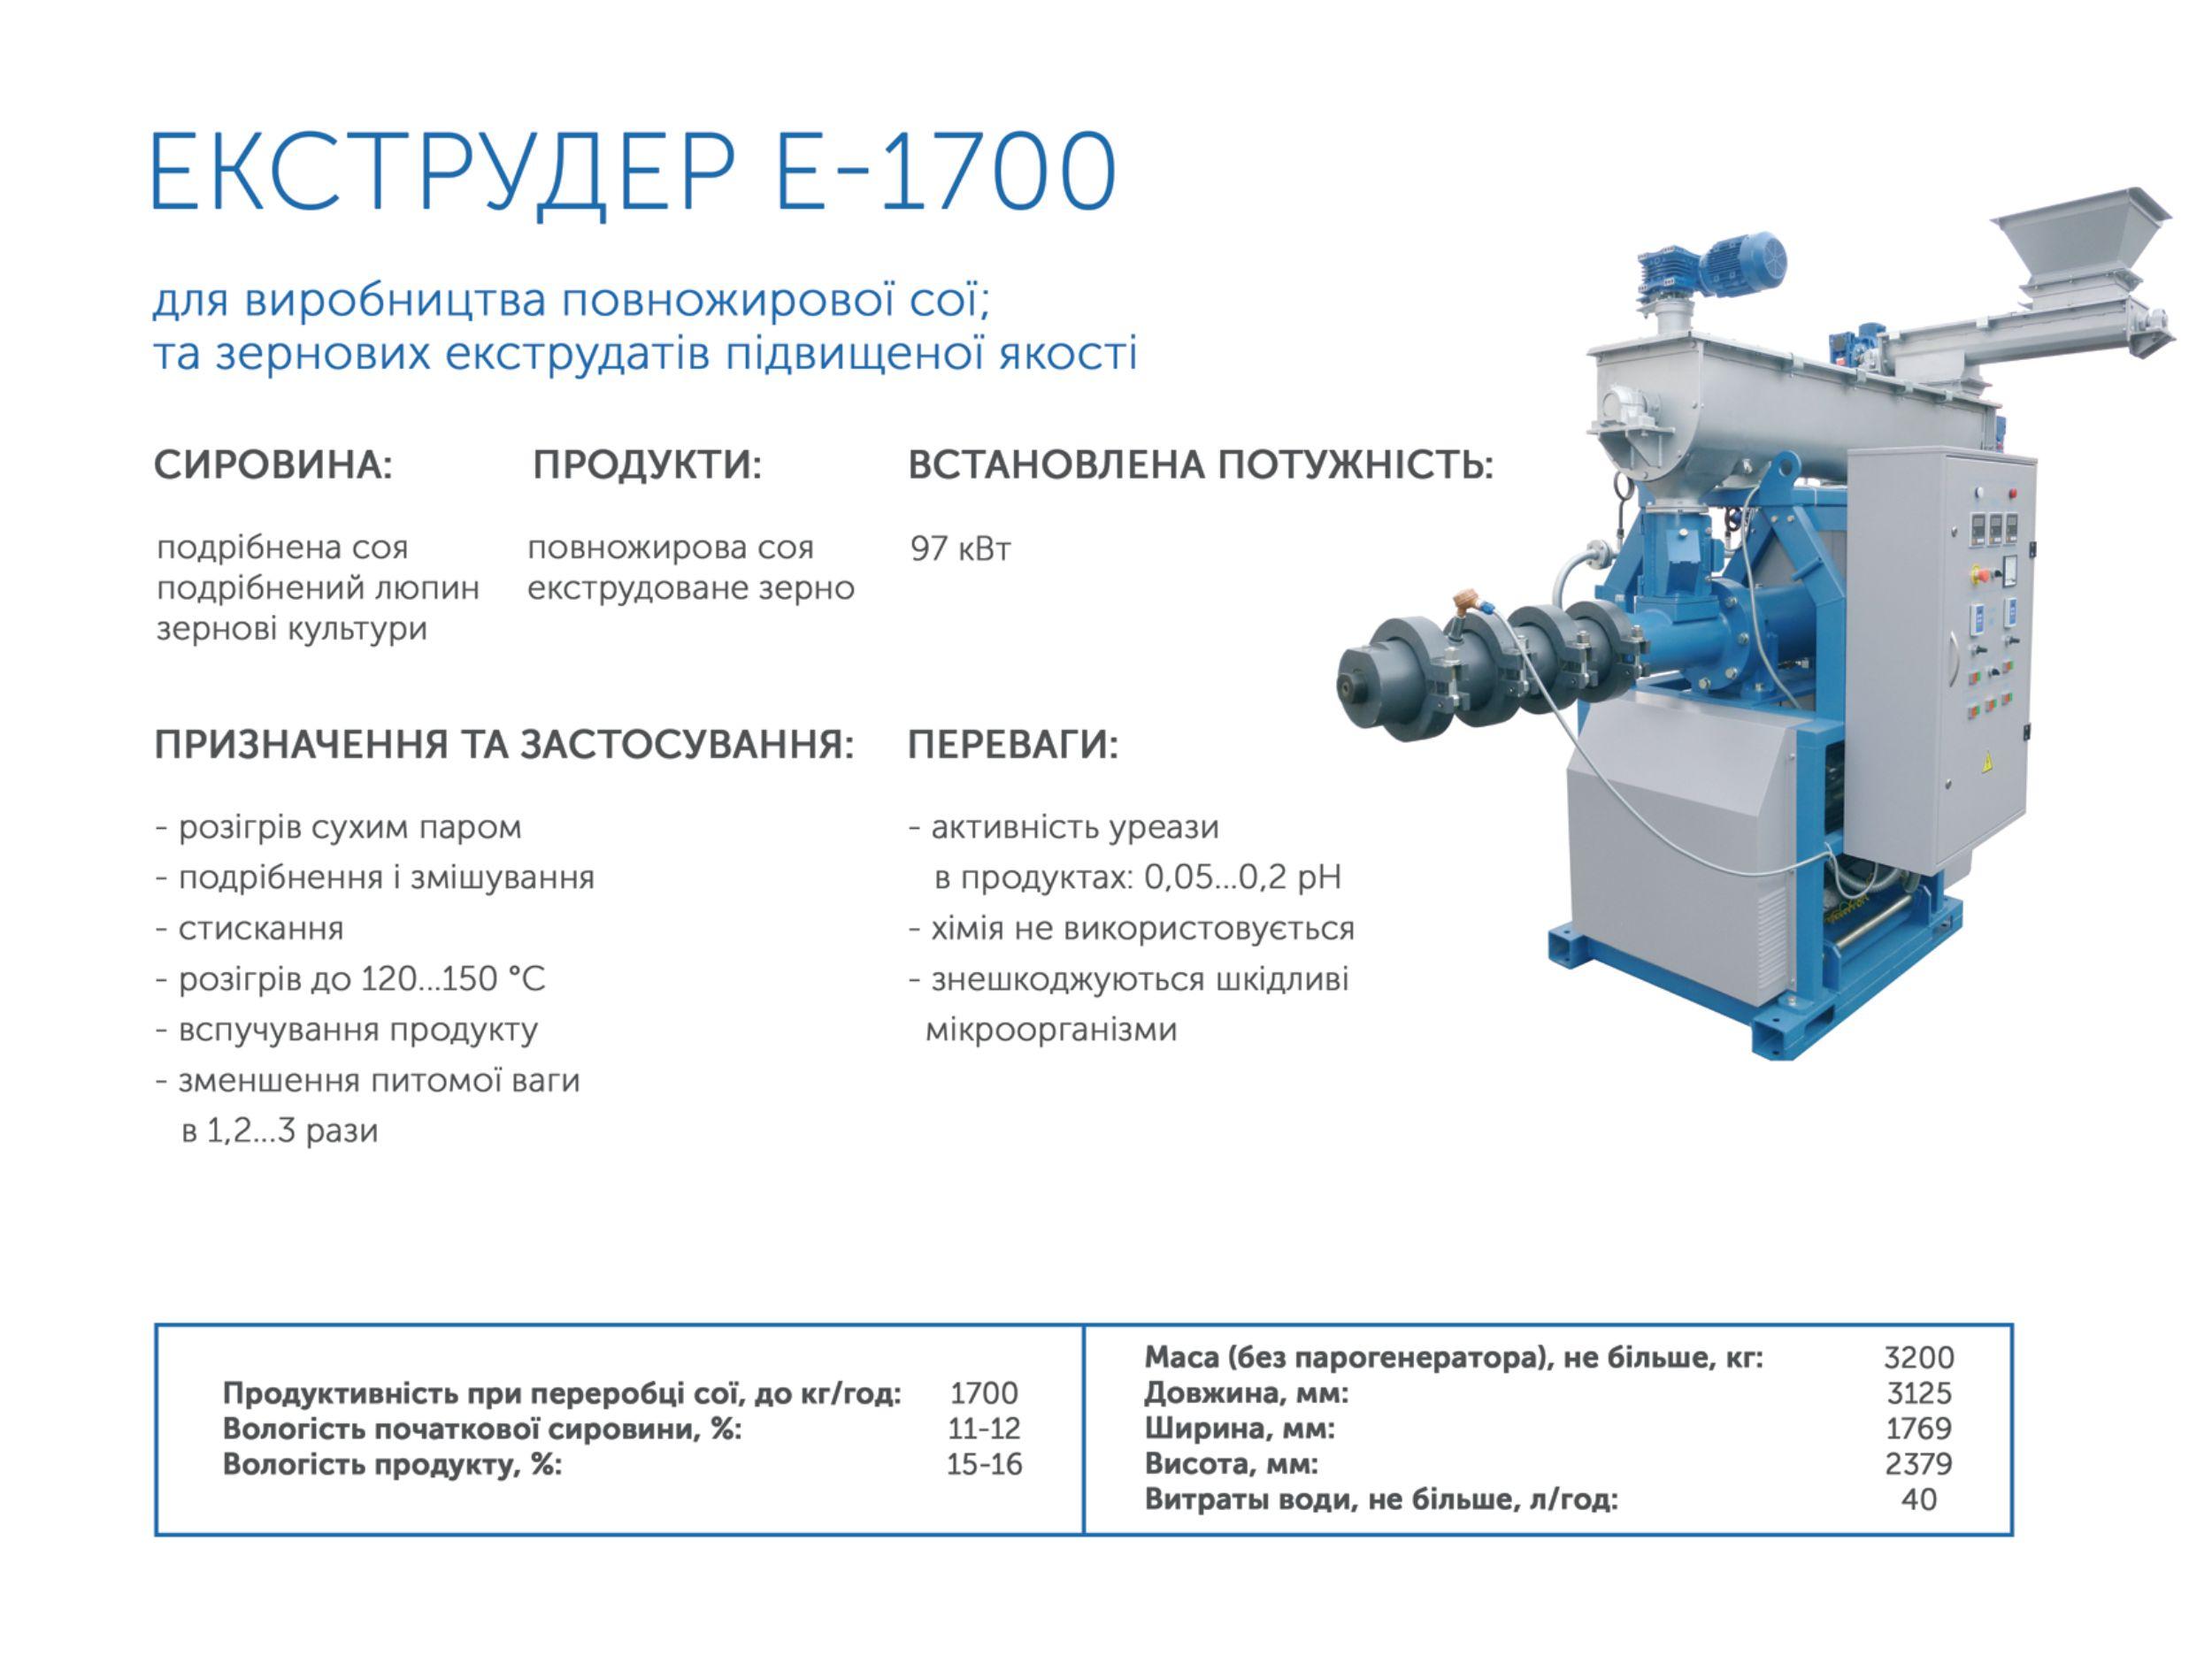 Продаємо екструдер Е-1700 з пре-кондиціонером